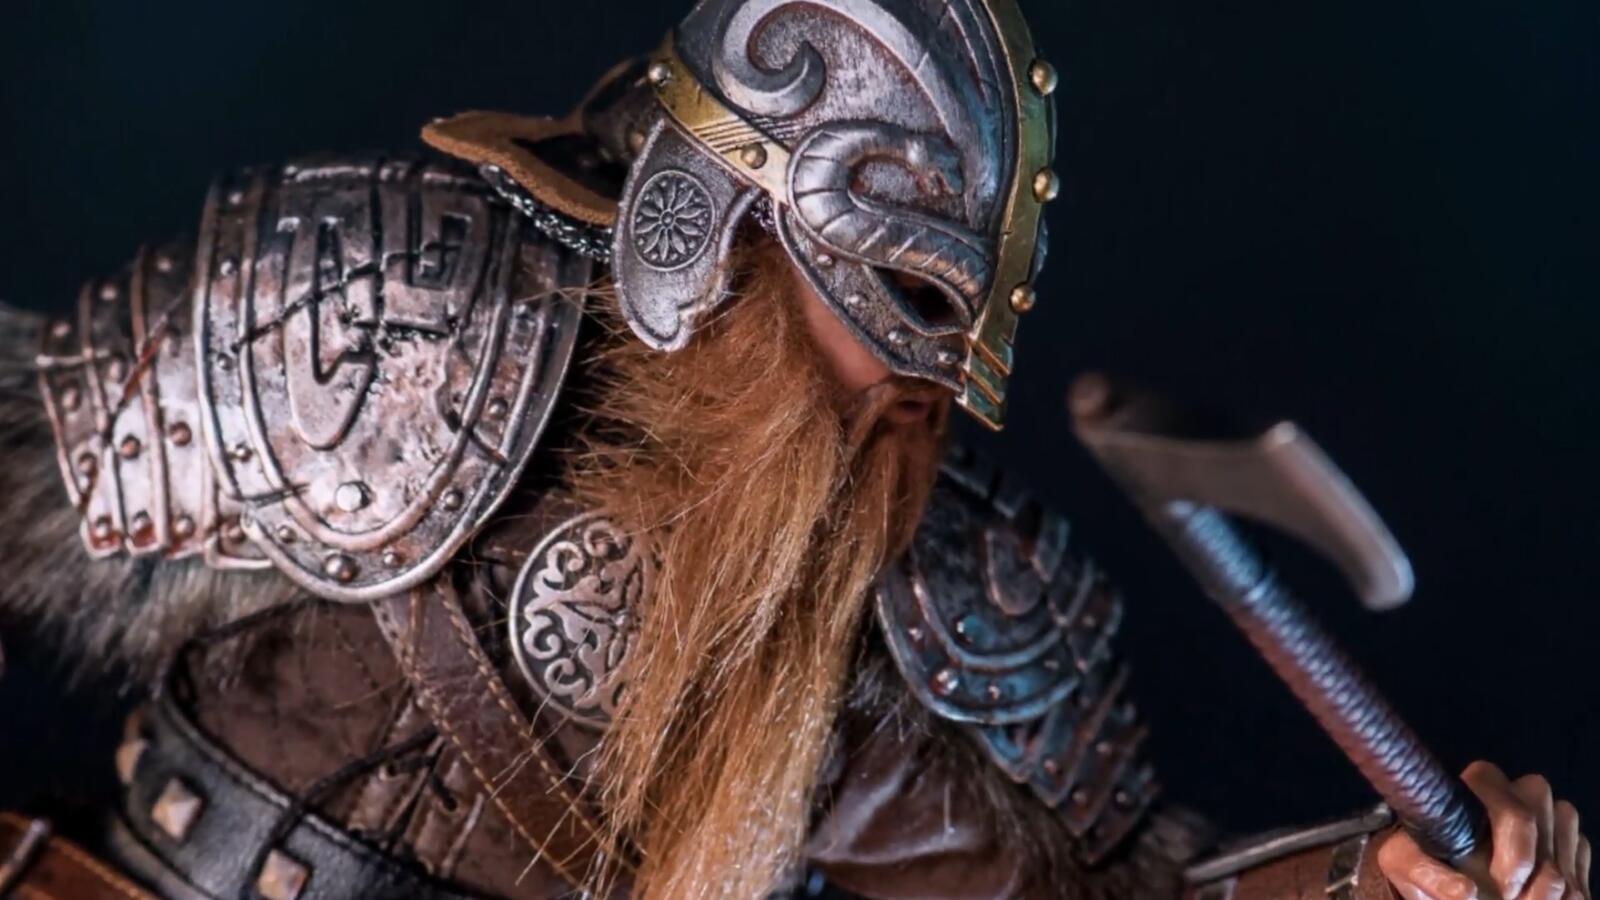 中世纪维京人模型,铠甲服饰真实展现北欧的异域风格!